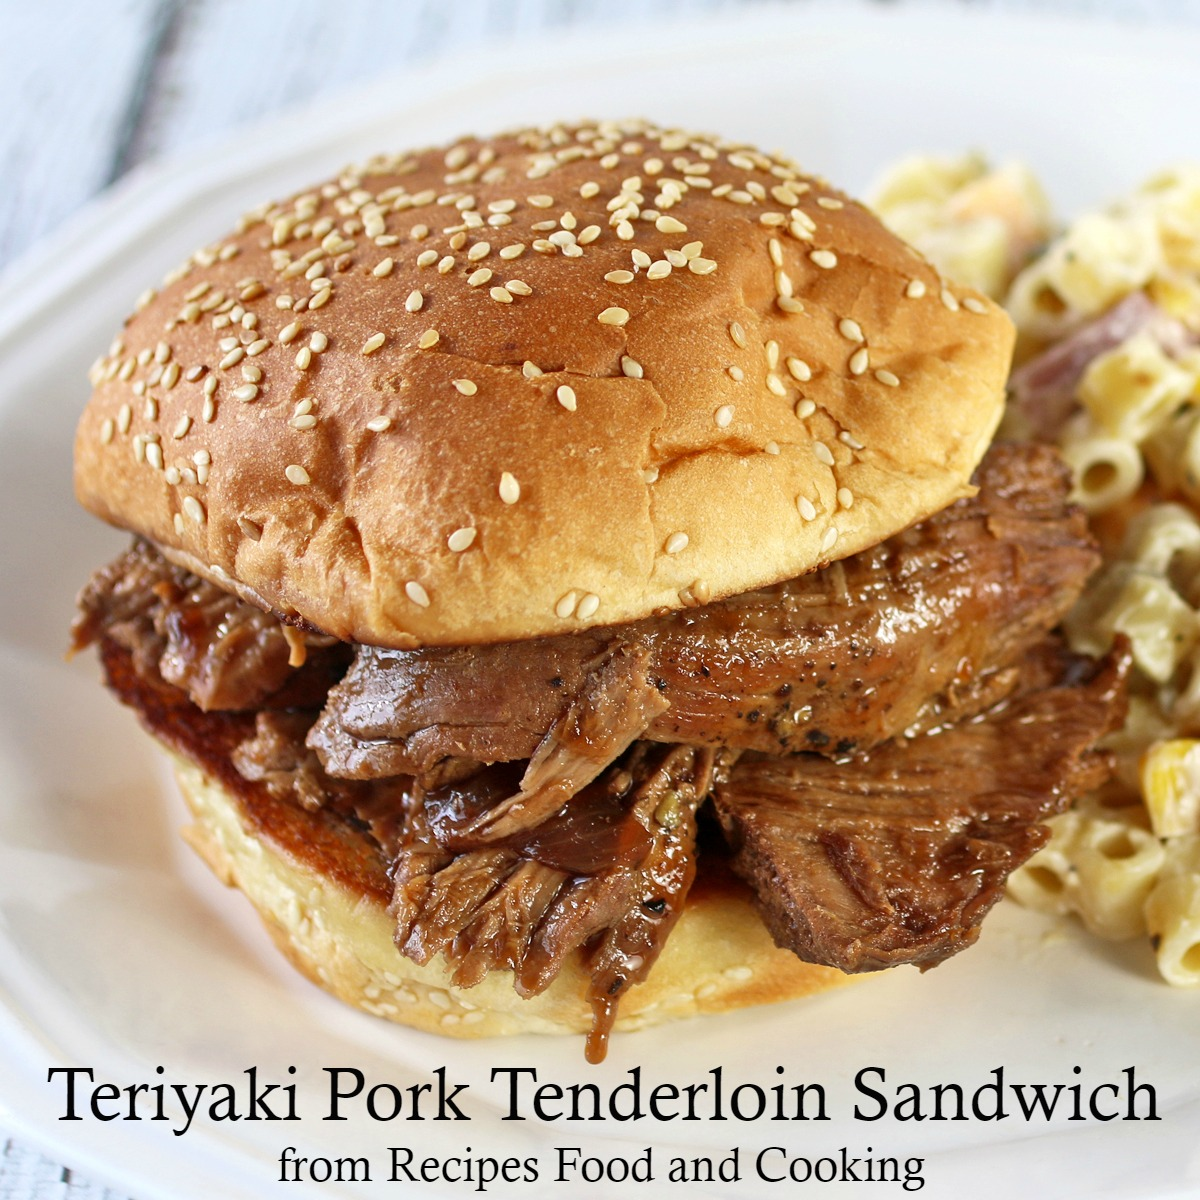 ... teriyaki pork slow cooker teriyaki pork crockpot teriyaki pork slow